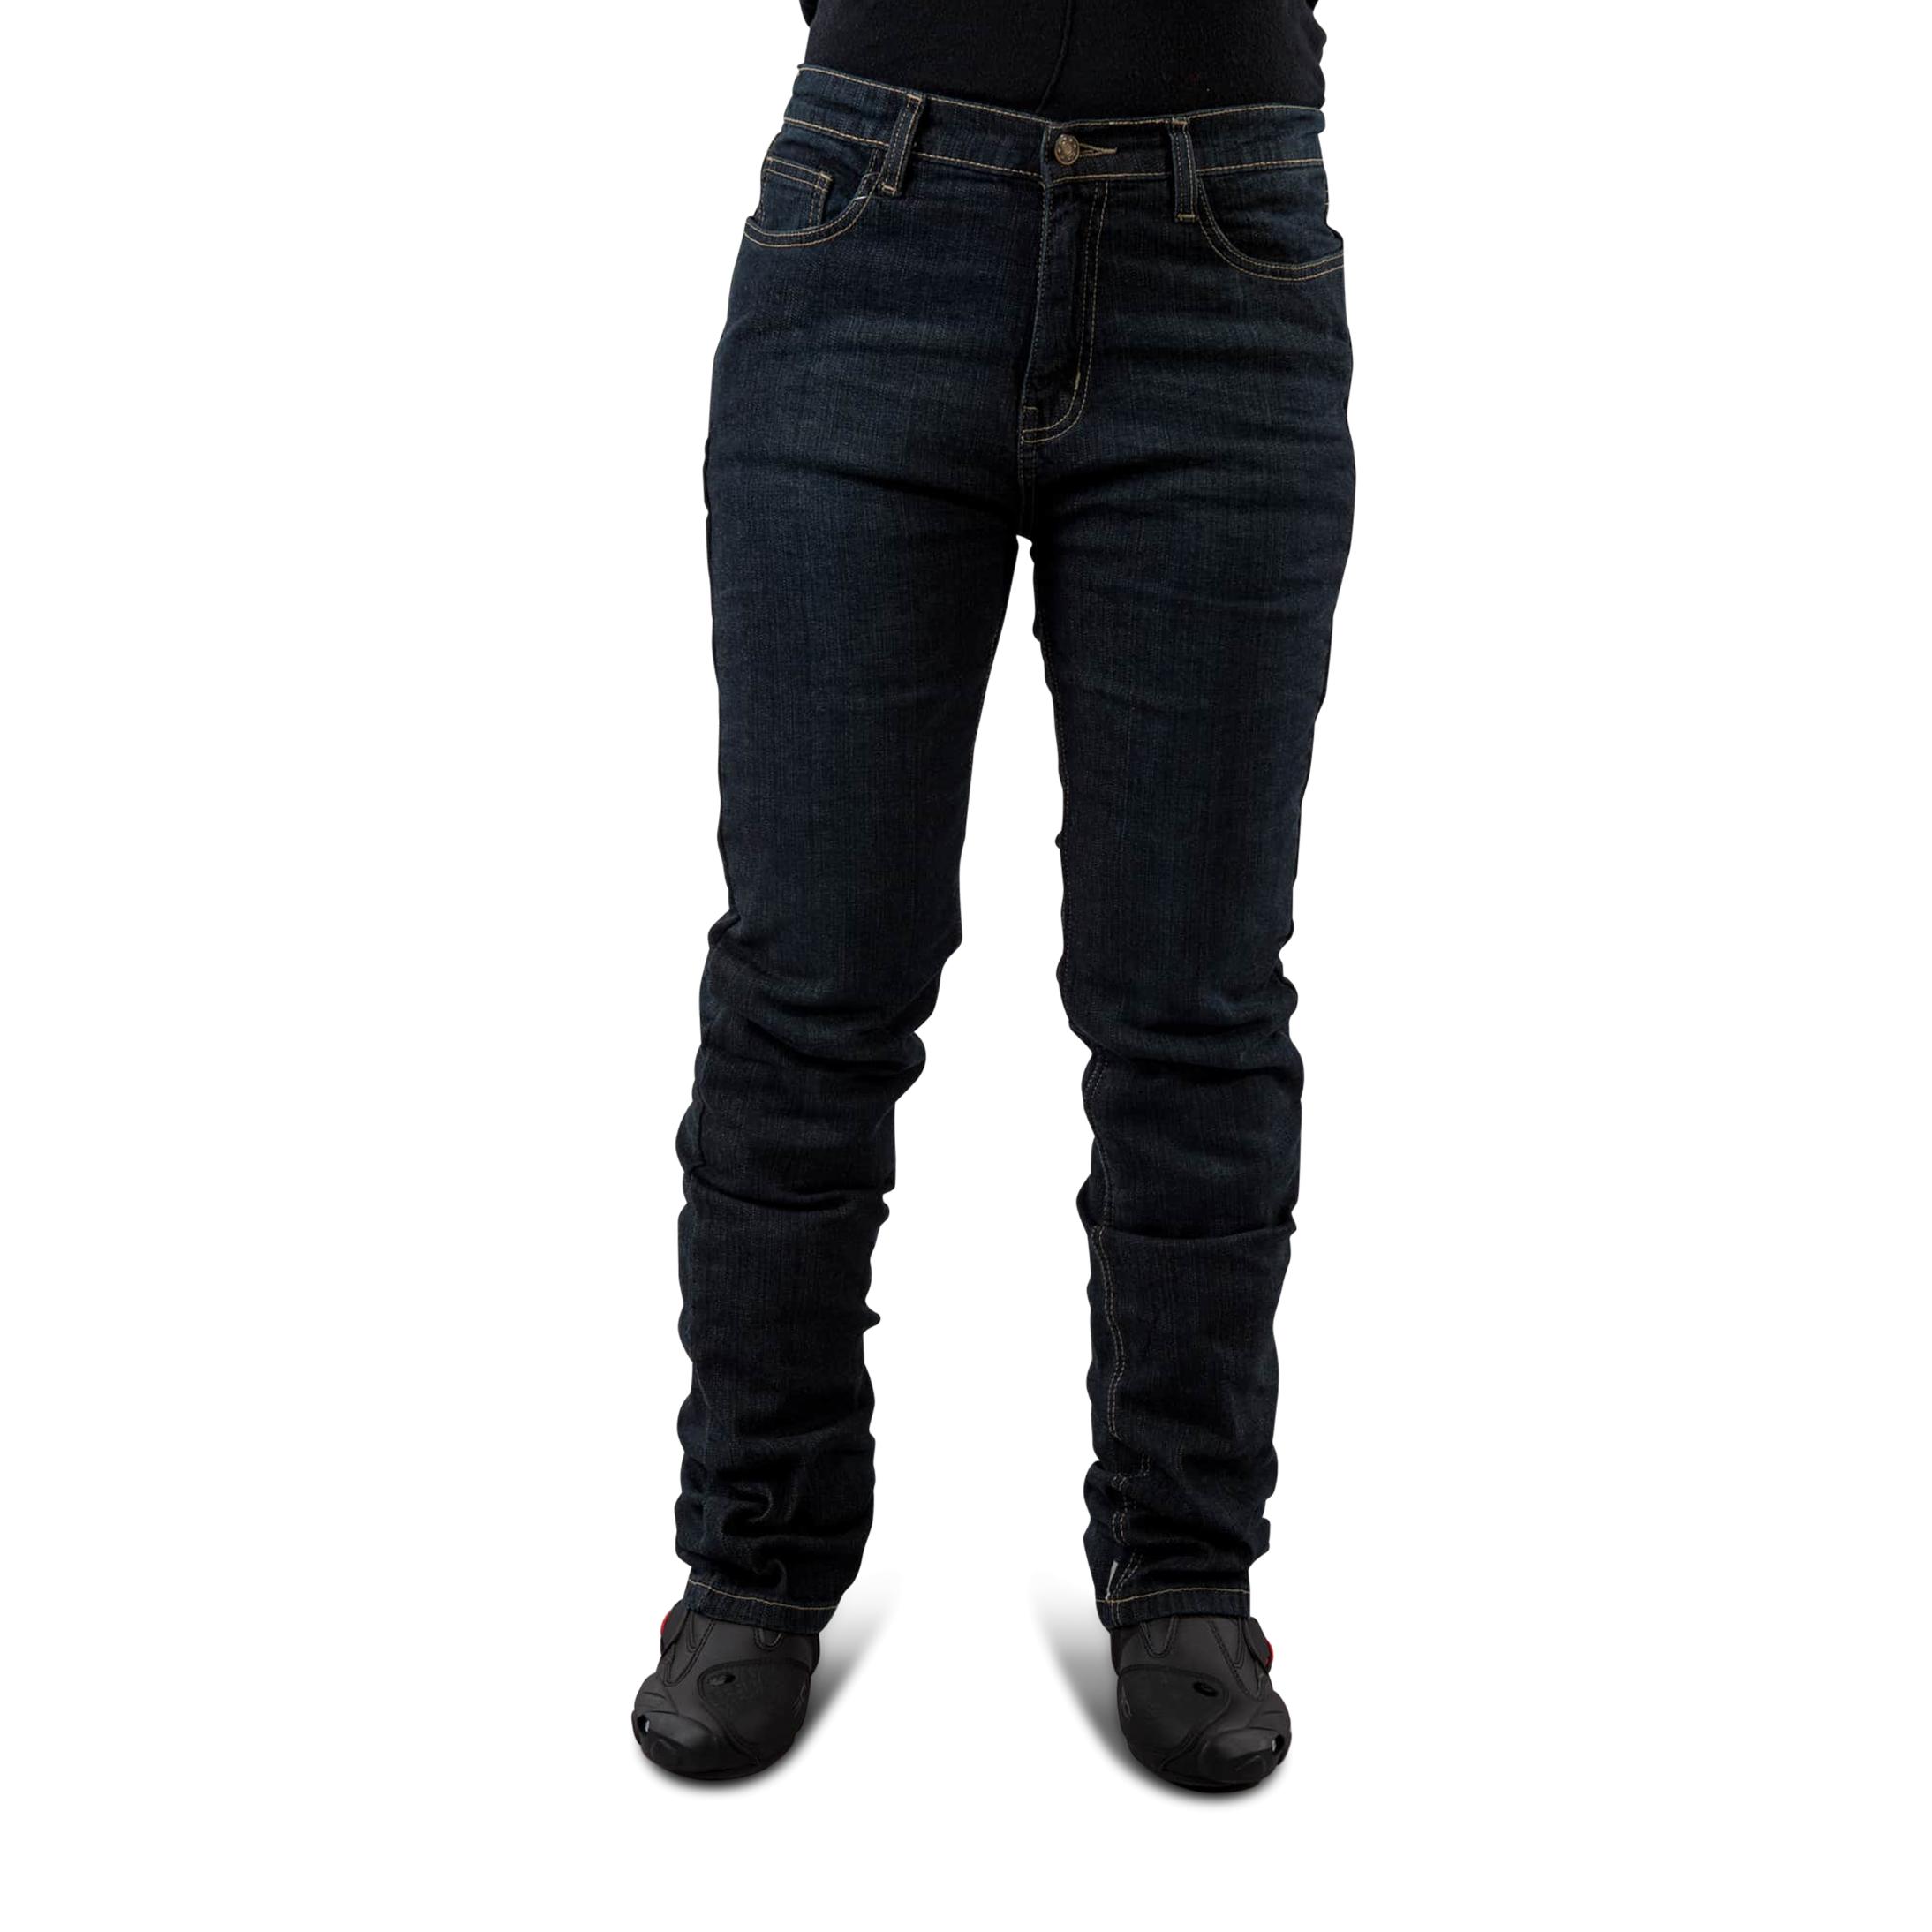 MC-Jeans Course London Aramidforstærkede Dame, Mørkeblå